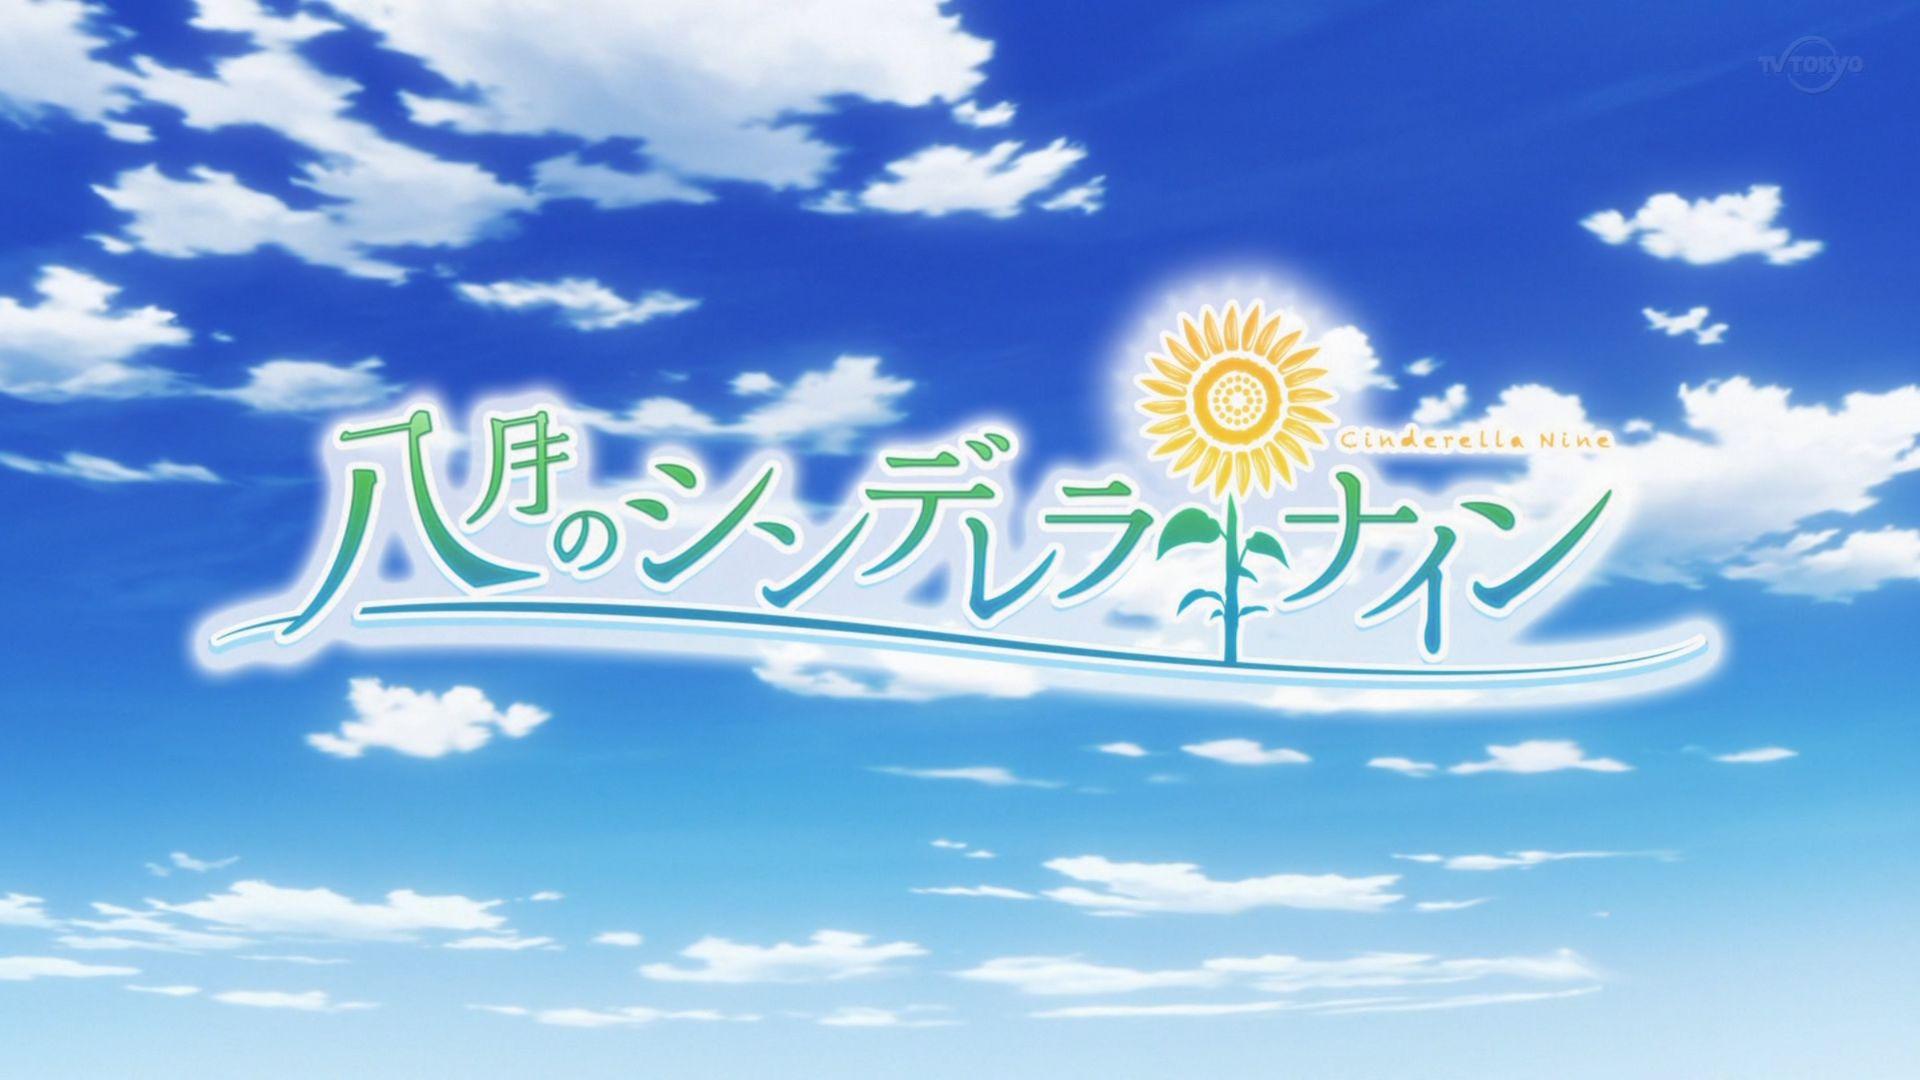 【終】『八月のシンデレラナイン』第12話(最終回)感想・・・ハチナイ良い作品だったな、作画にさえ目を瞑れば最後まで楽しめたアニメだったわ